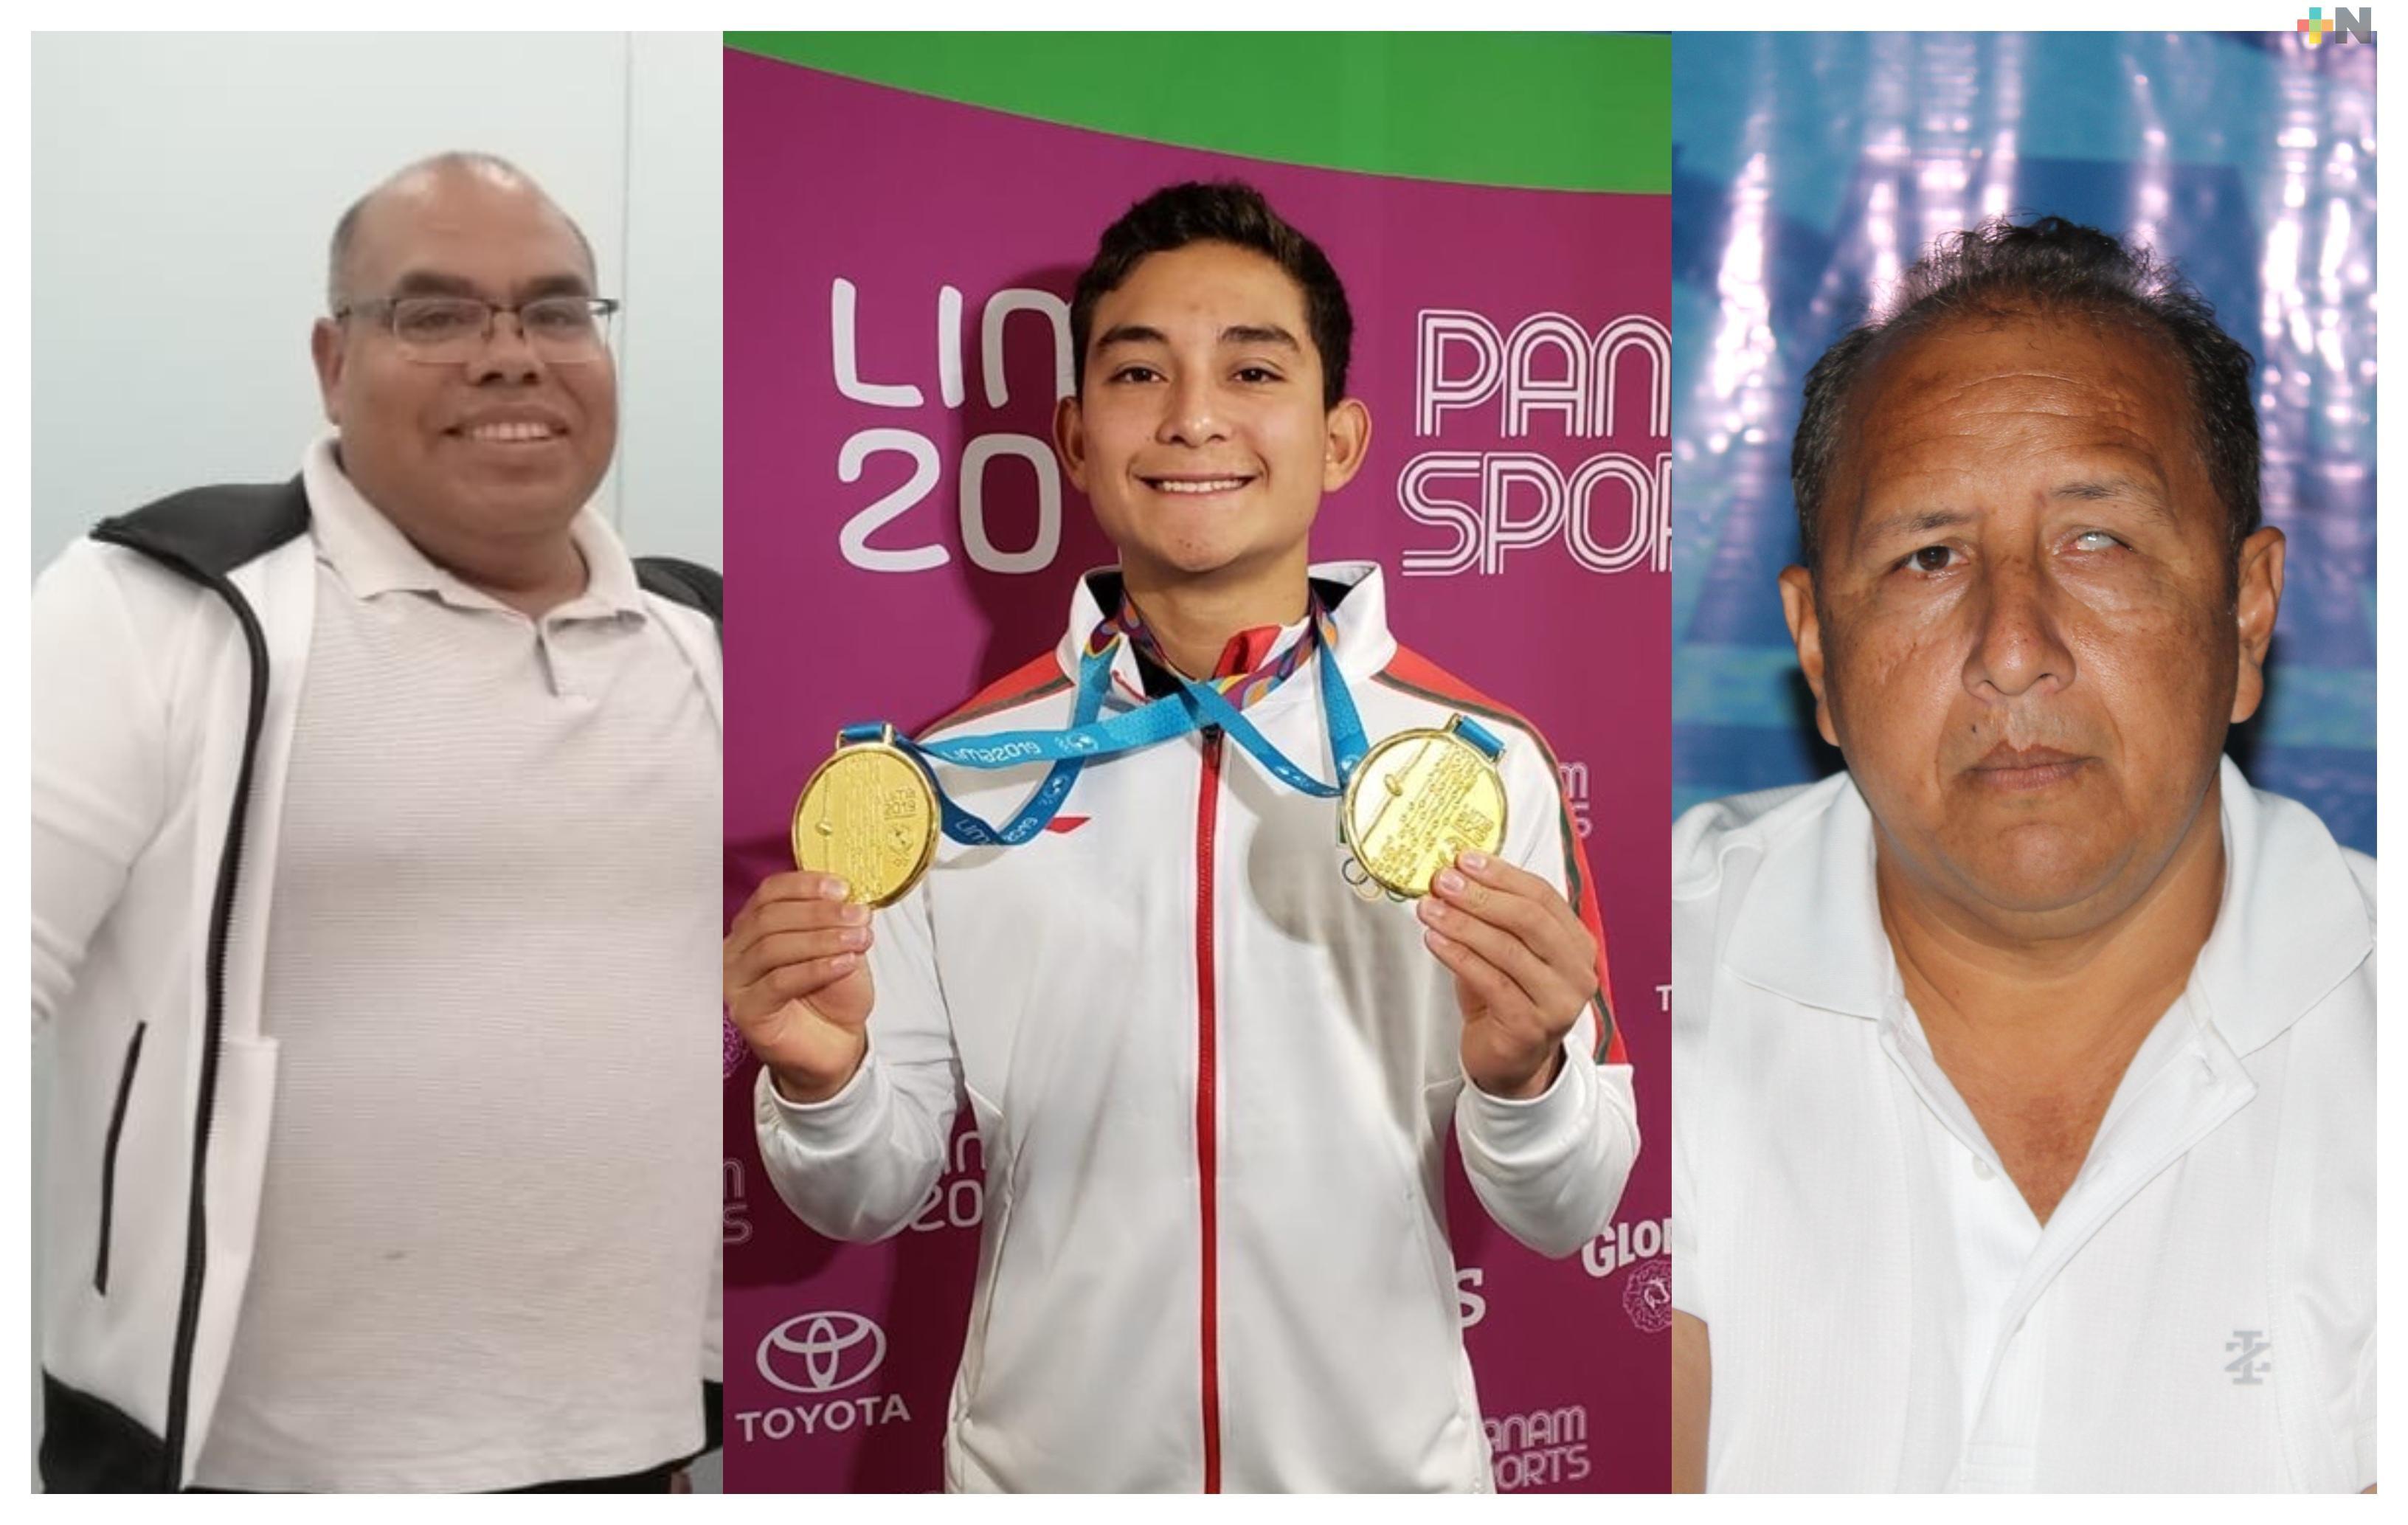 Se congratula Asociación de Natación por ganadores al Premio Estatal del Deporte 2019